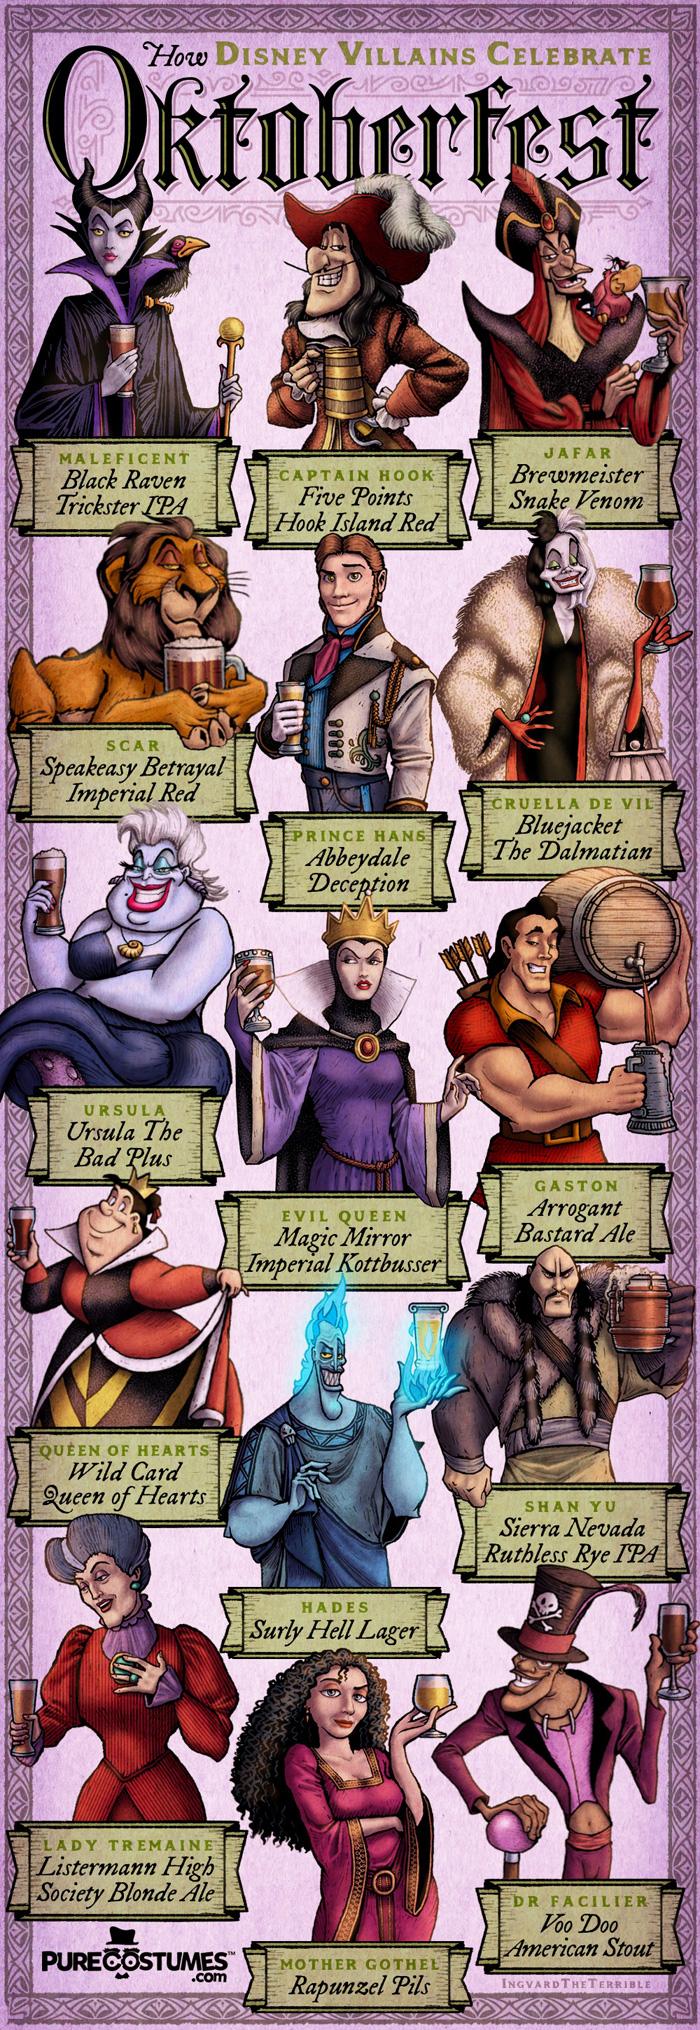 How Disney Villains Celebrate Oktoberfest